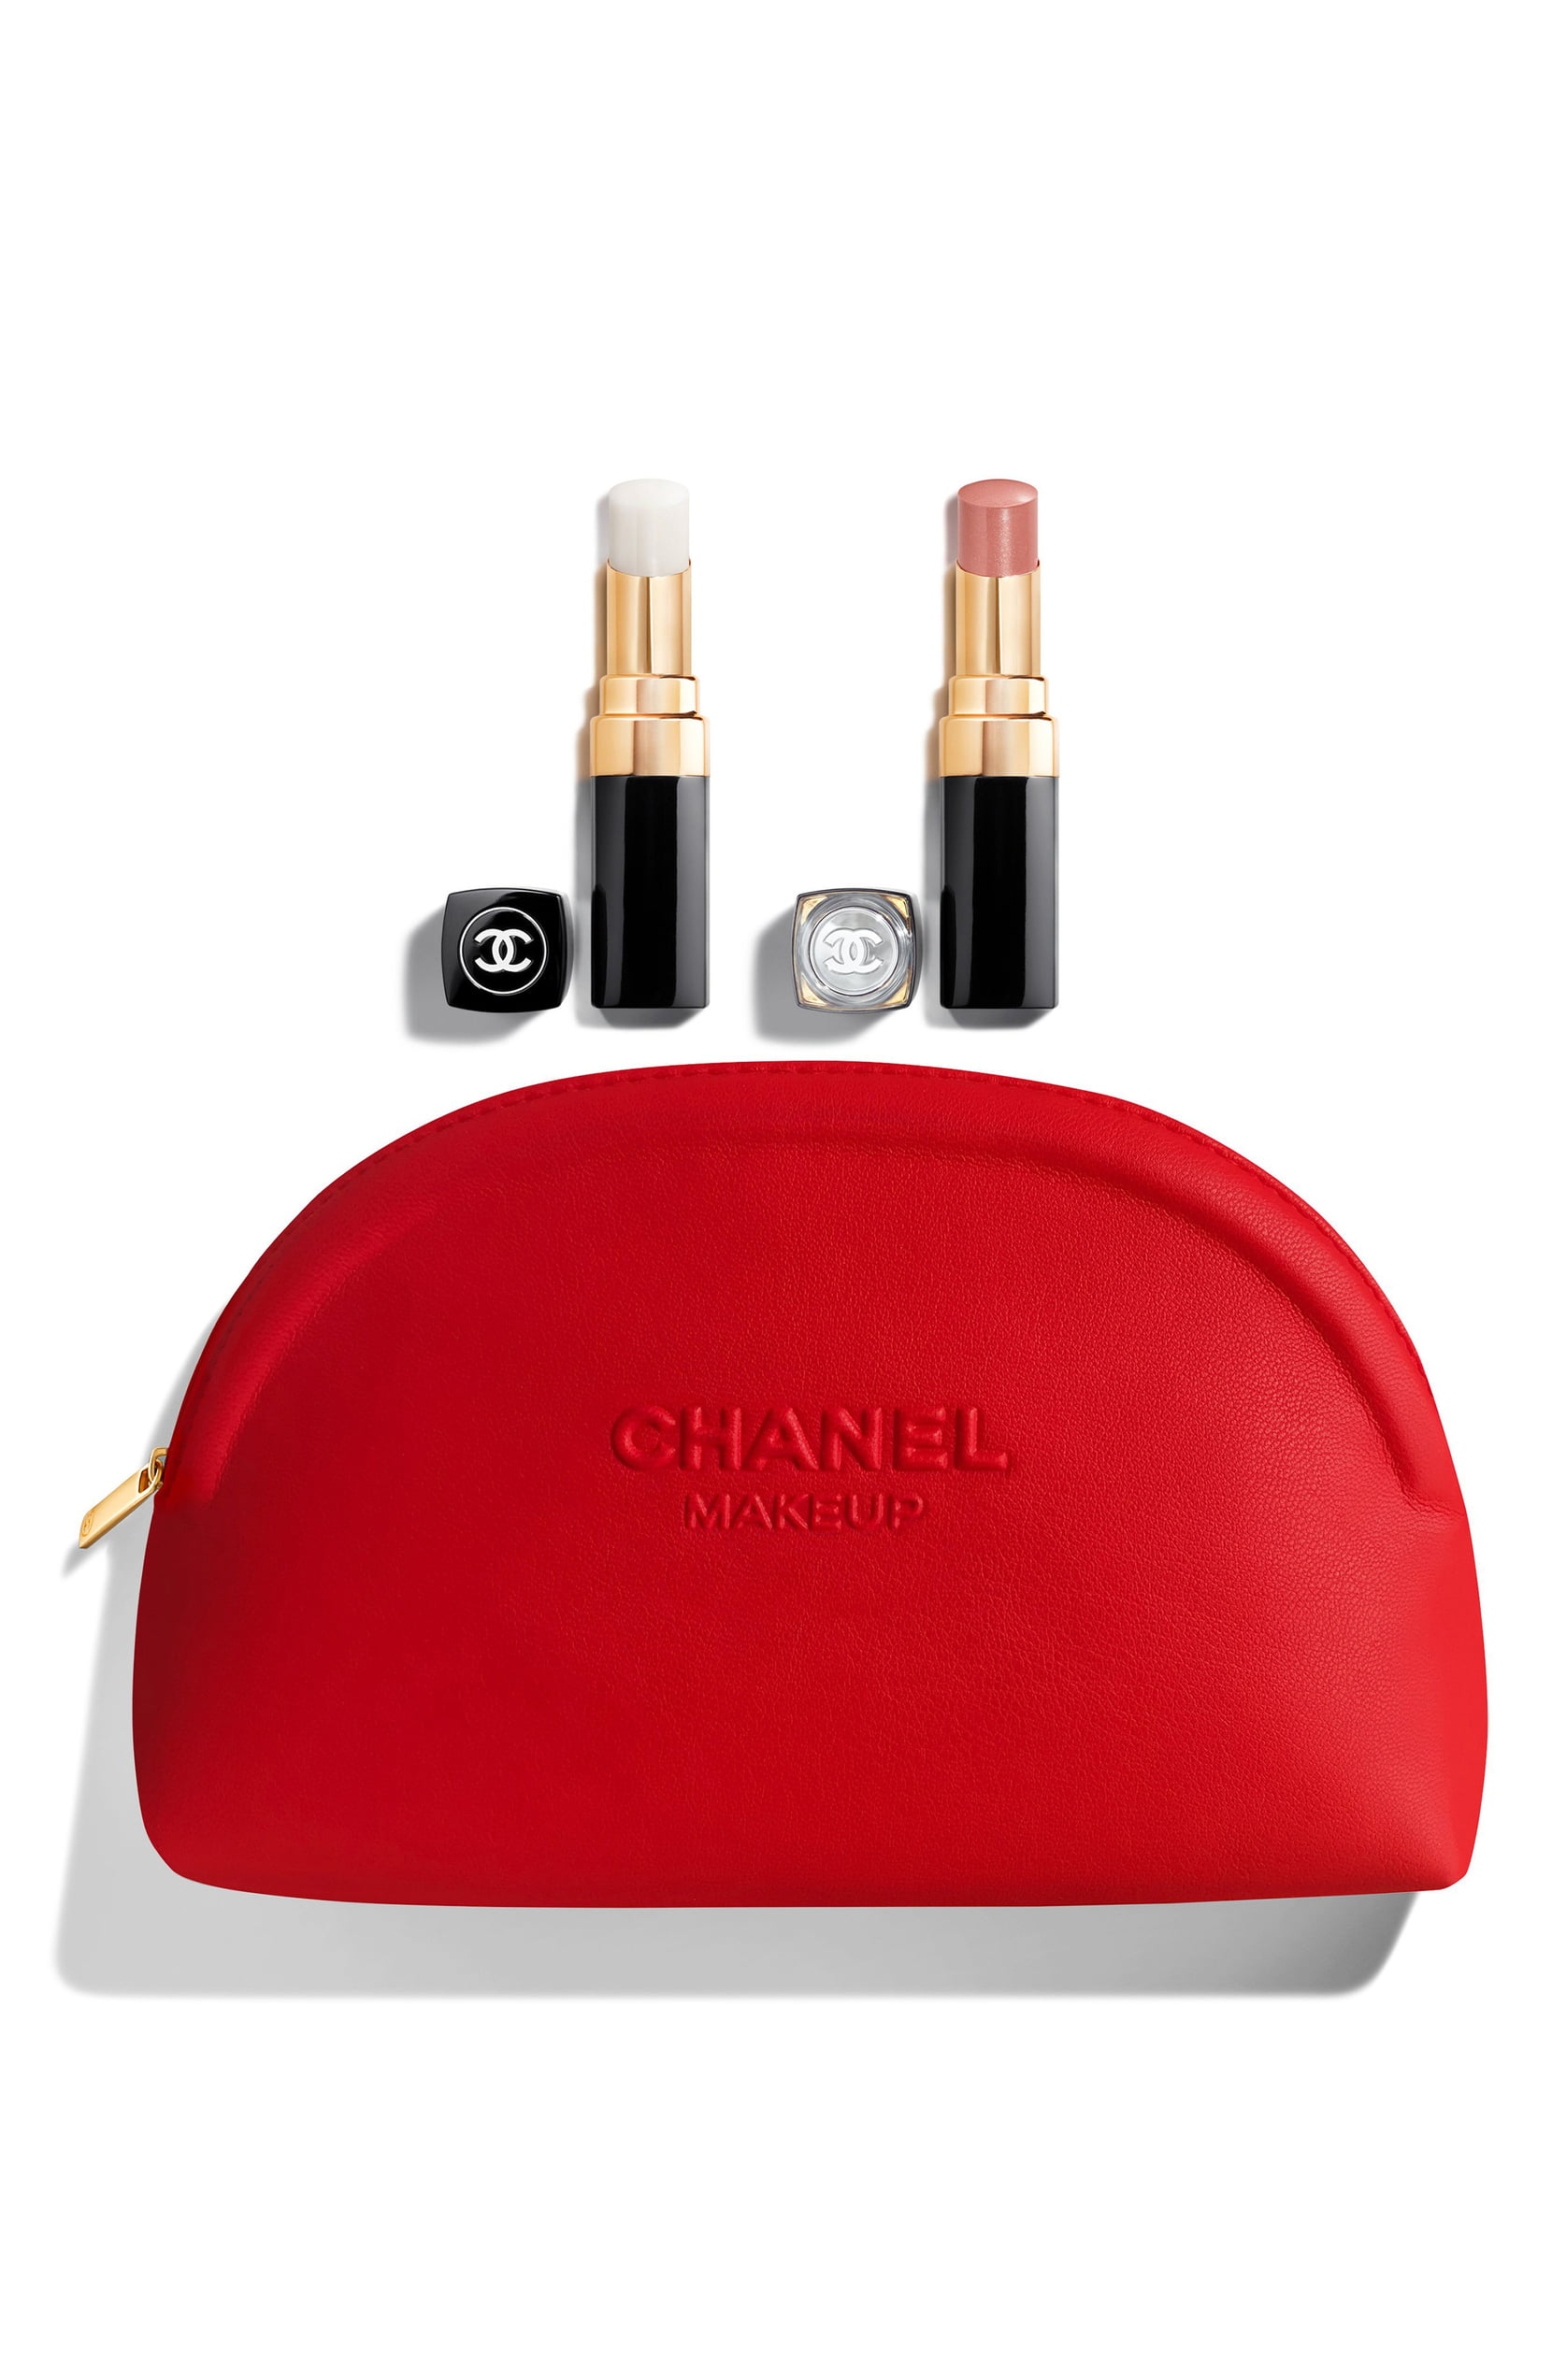 Chanel Shine Bright Lip Set